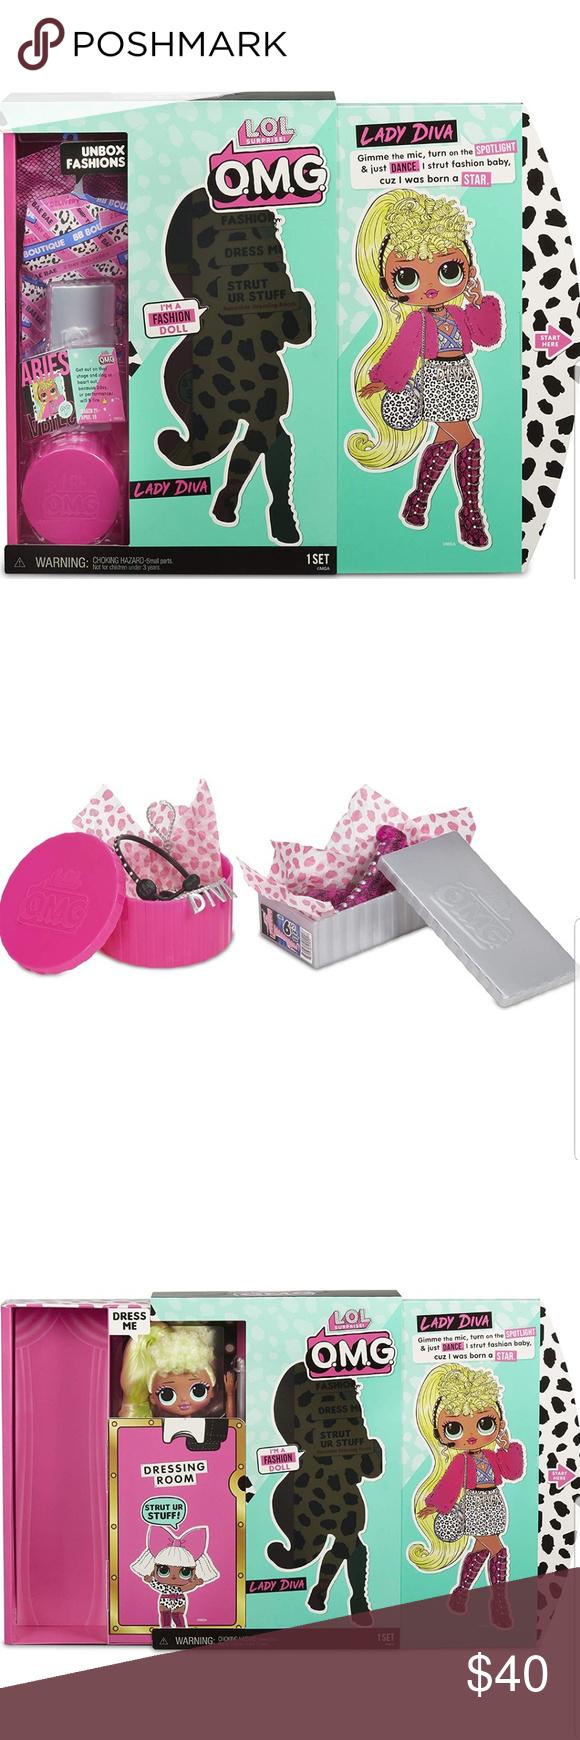 LOL Surprise Dolls Bedroom for little girls Girl bedroom